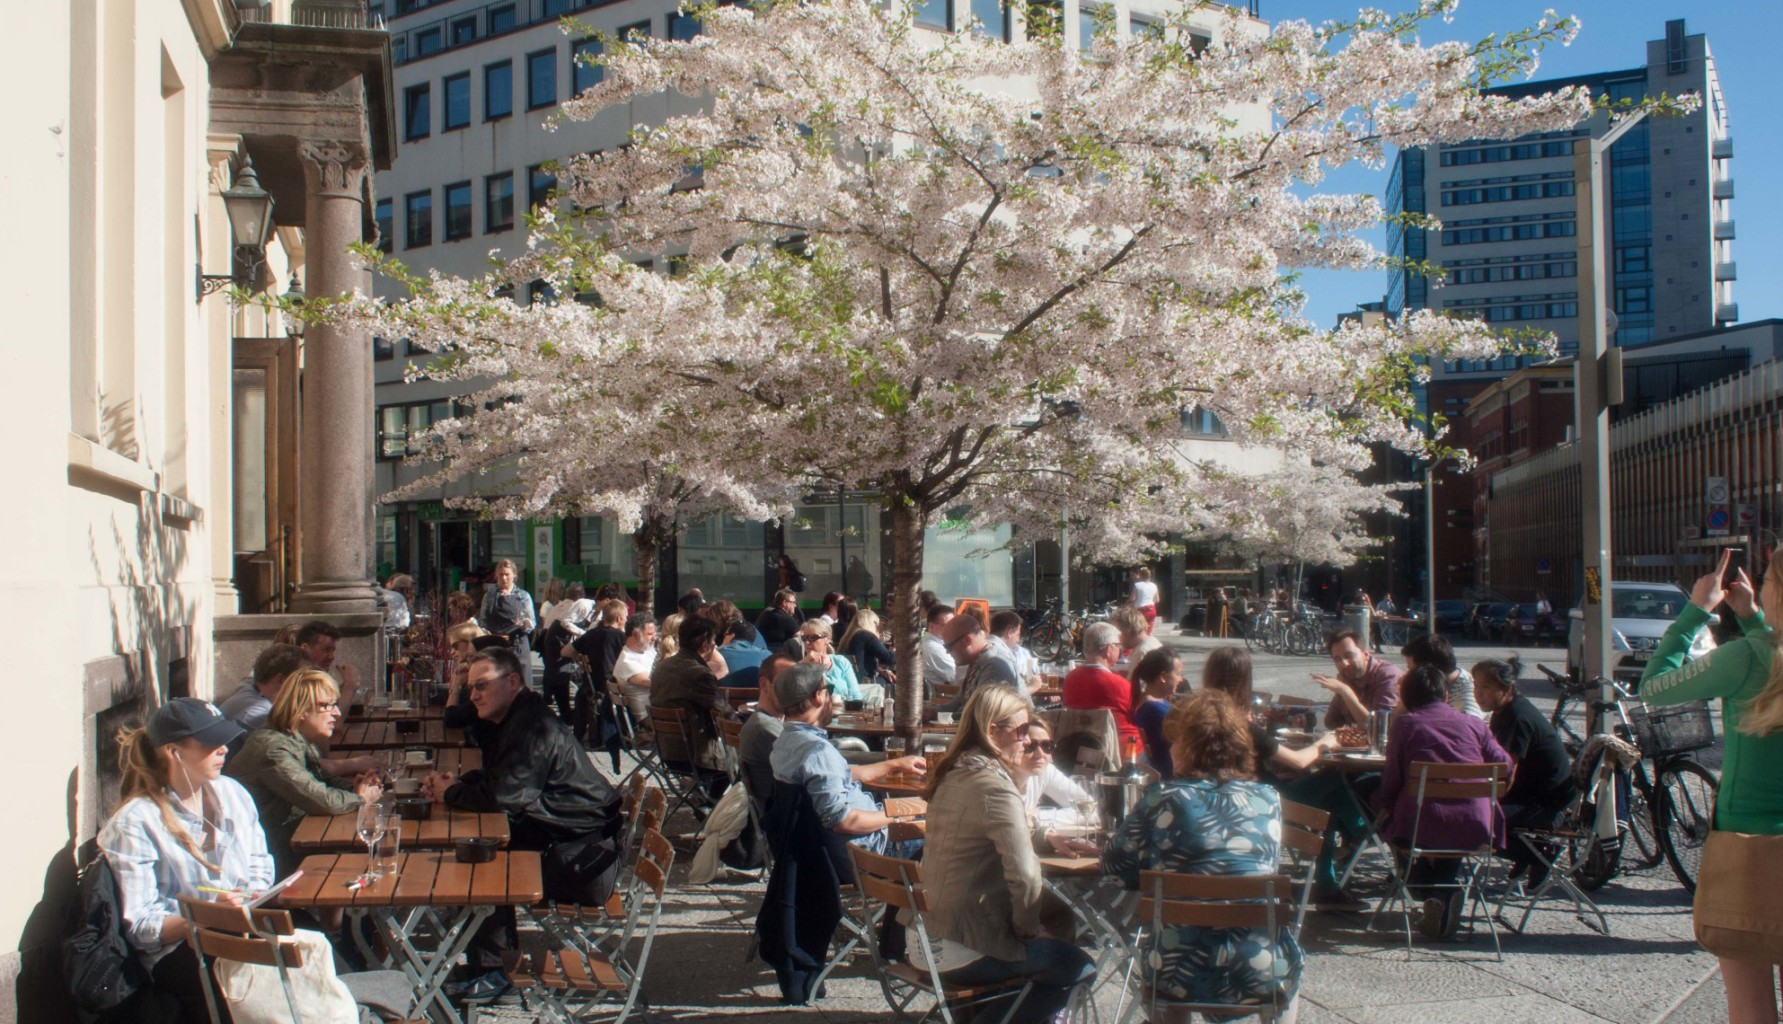 Cafeen Tekehtopa har fin uteservering. Foto: Kristian Lie